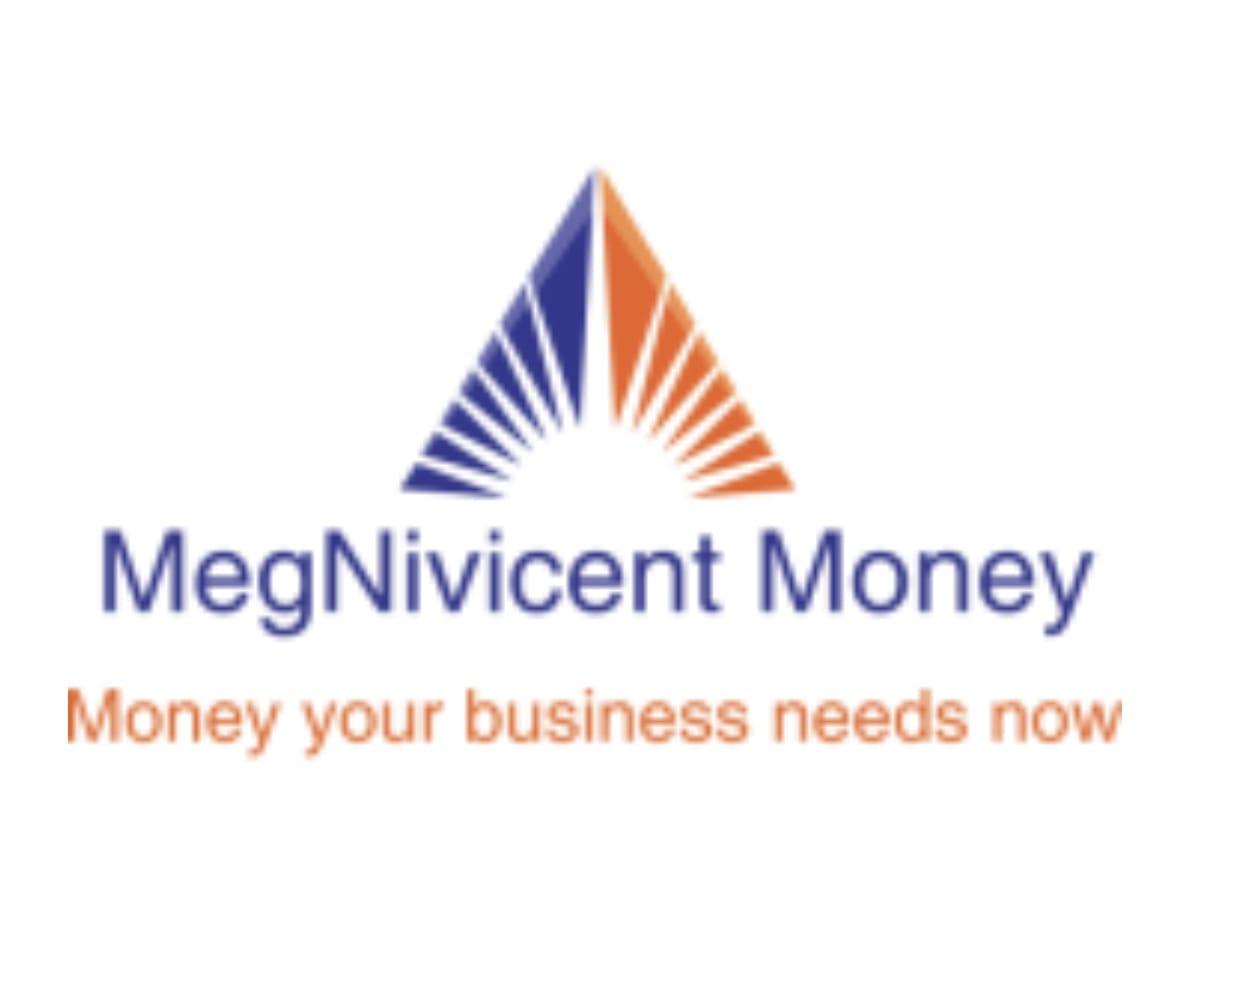 MegNivicent Money